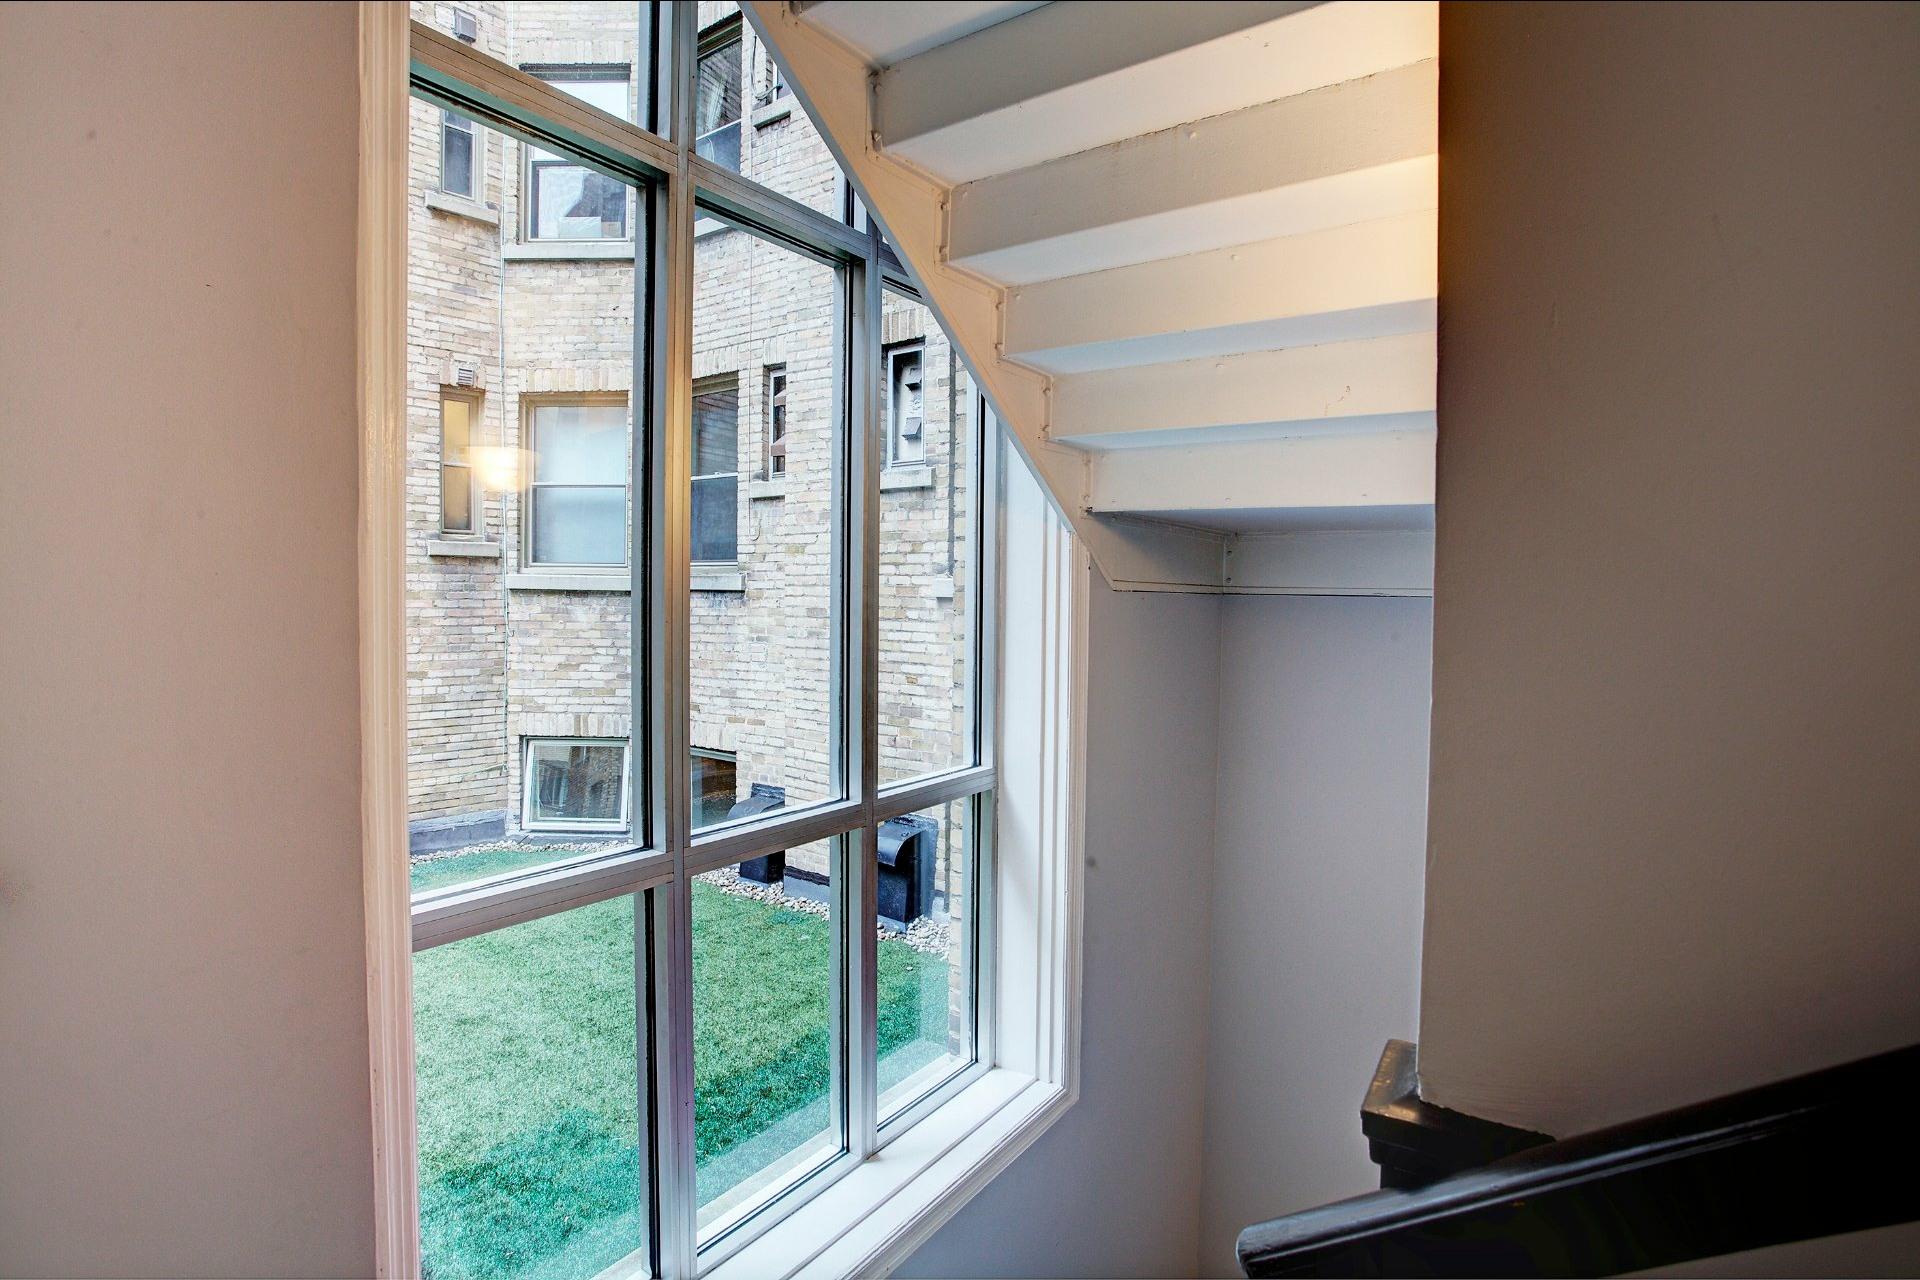 image 2 - Appartement À louer Westmount - 3 pièces